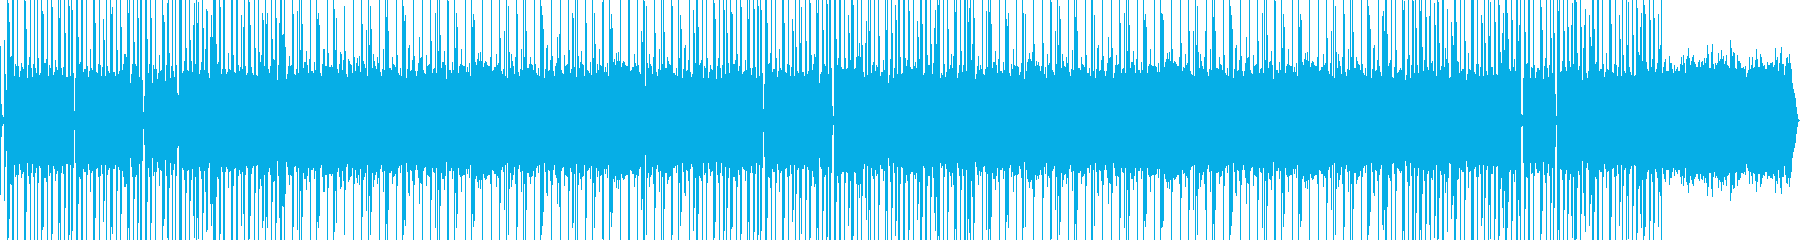 オールドスタイルのヒップホップビートの再生済みの波形